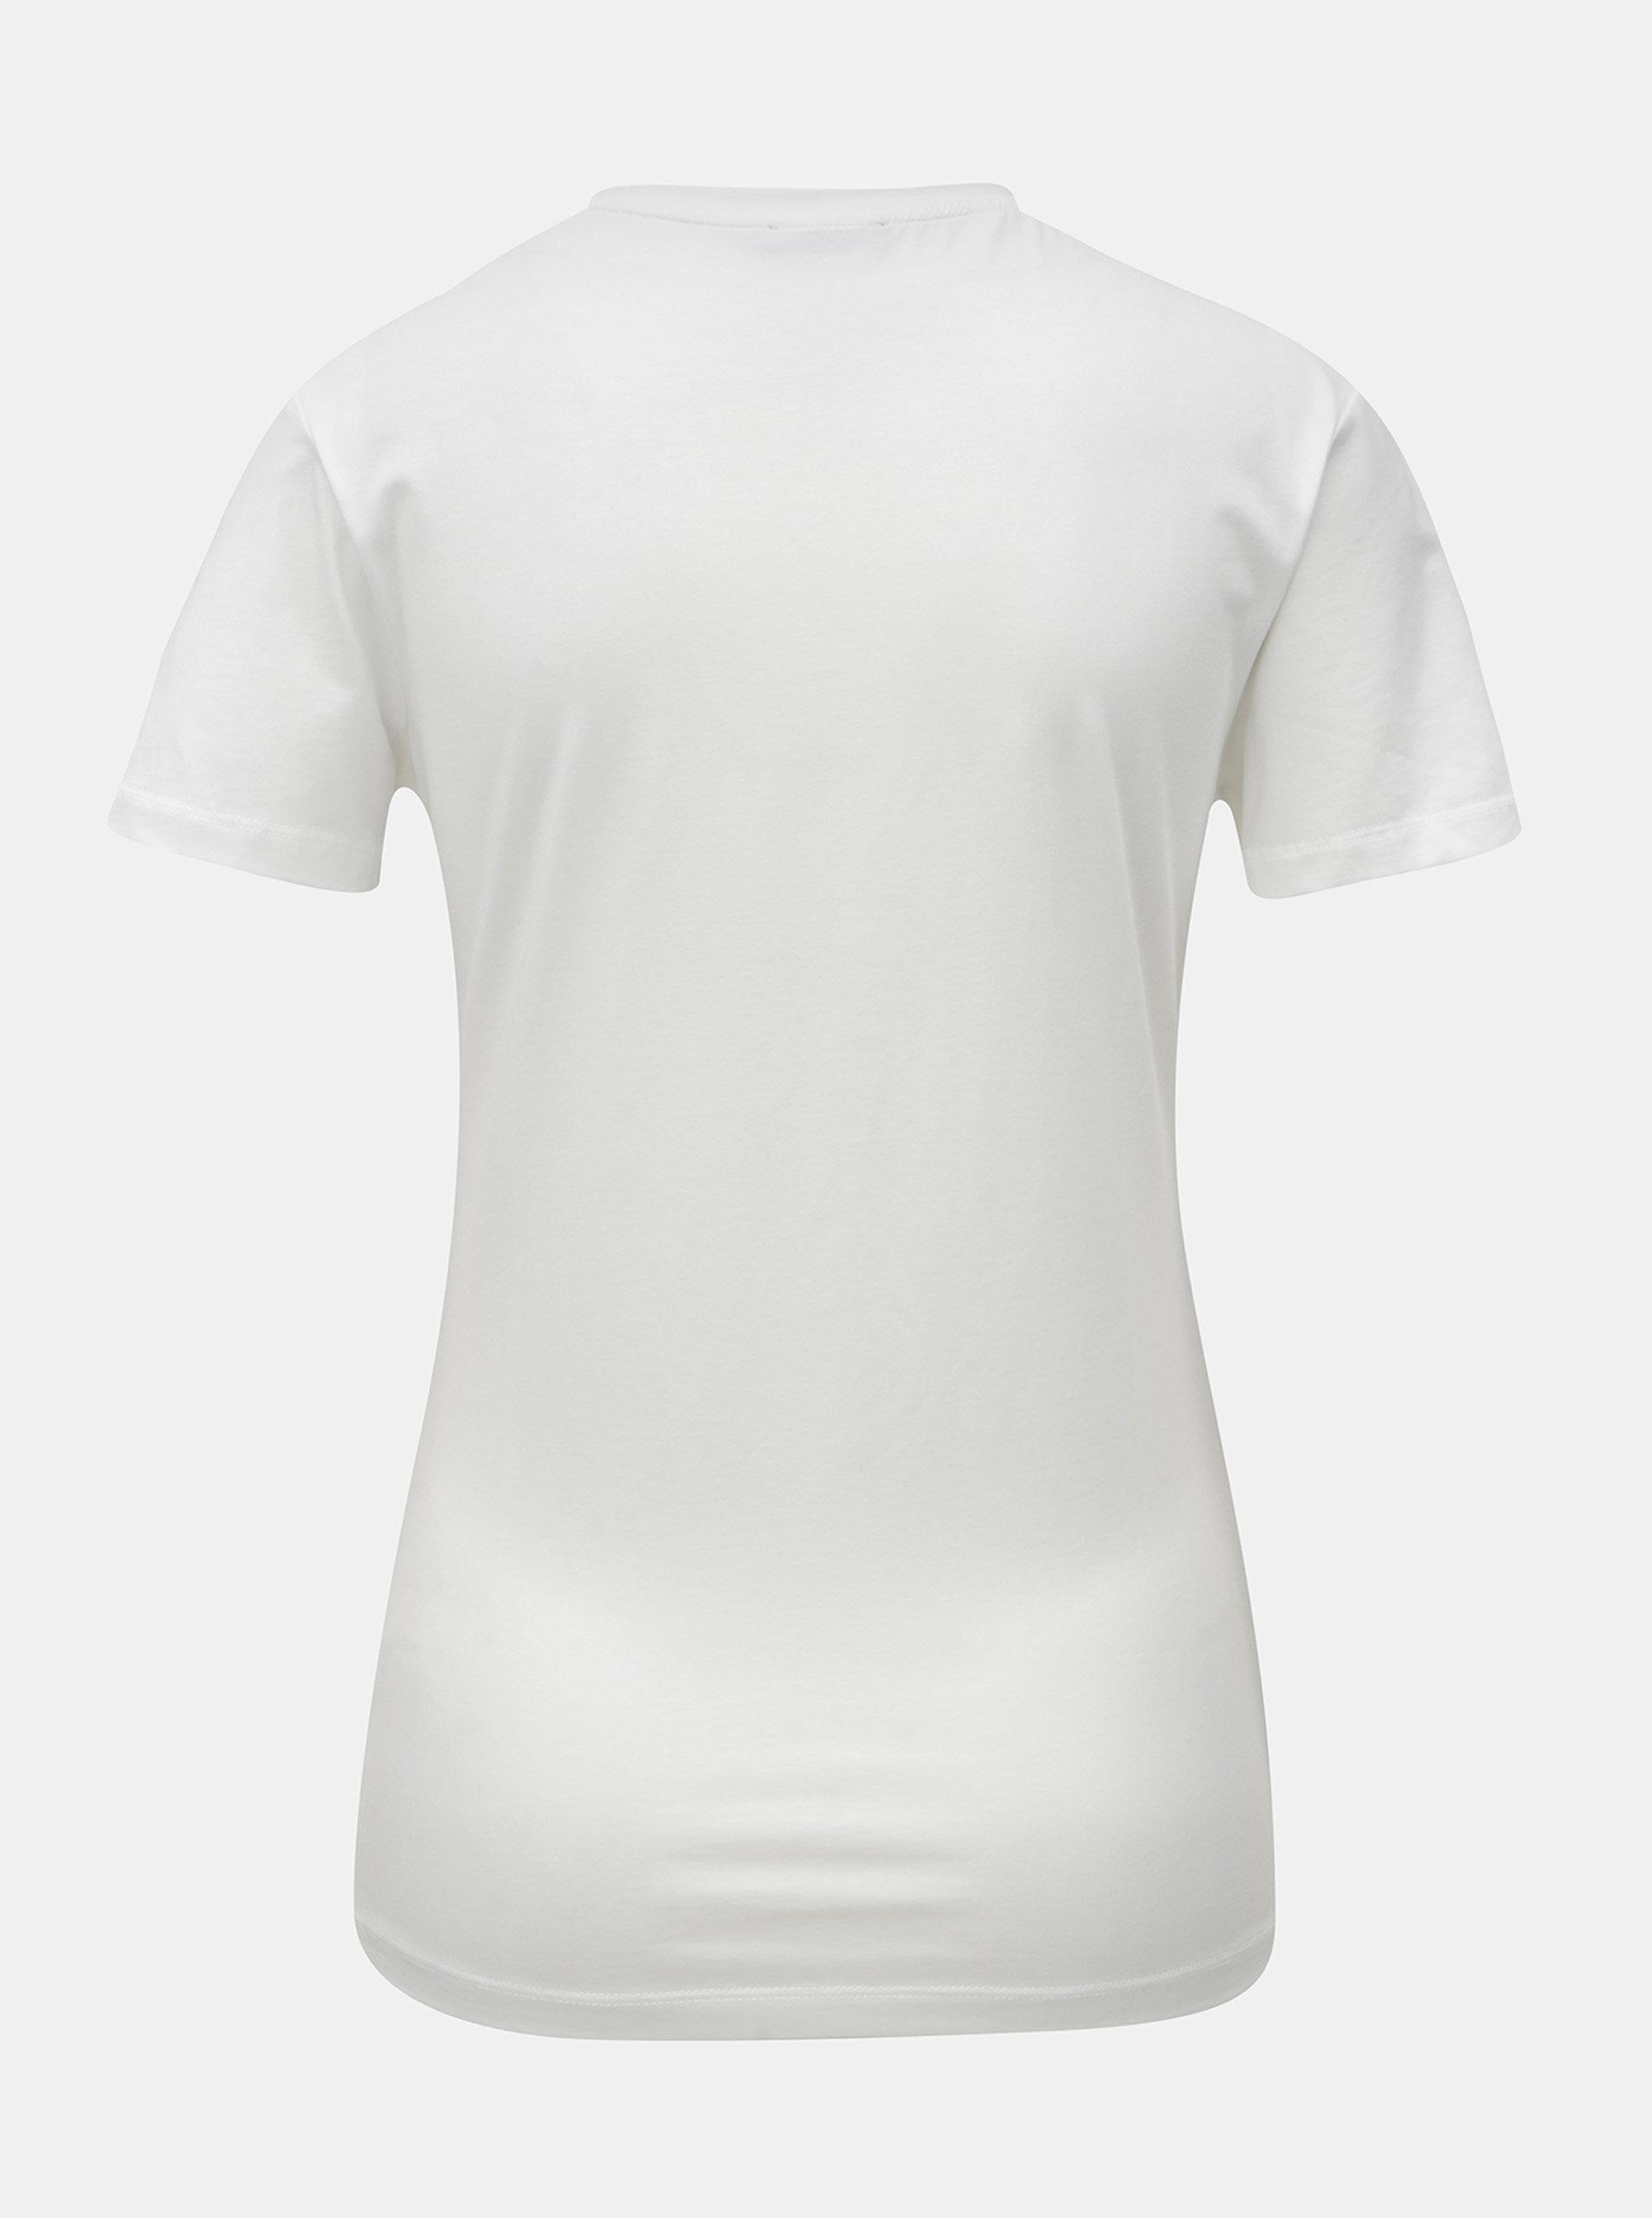 Bílé dámské tričko s potiskem Calvin Klein Jeans ... 7d21177590